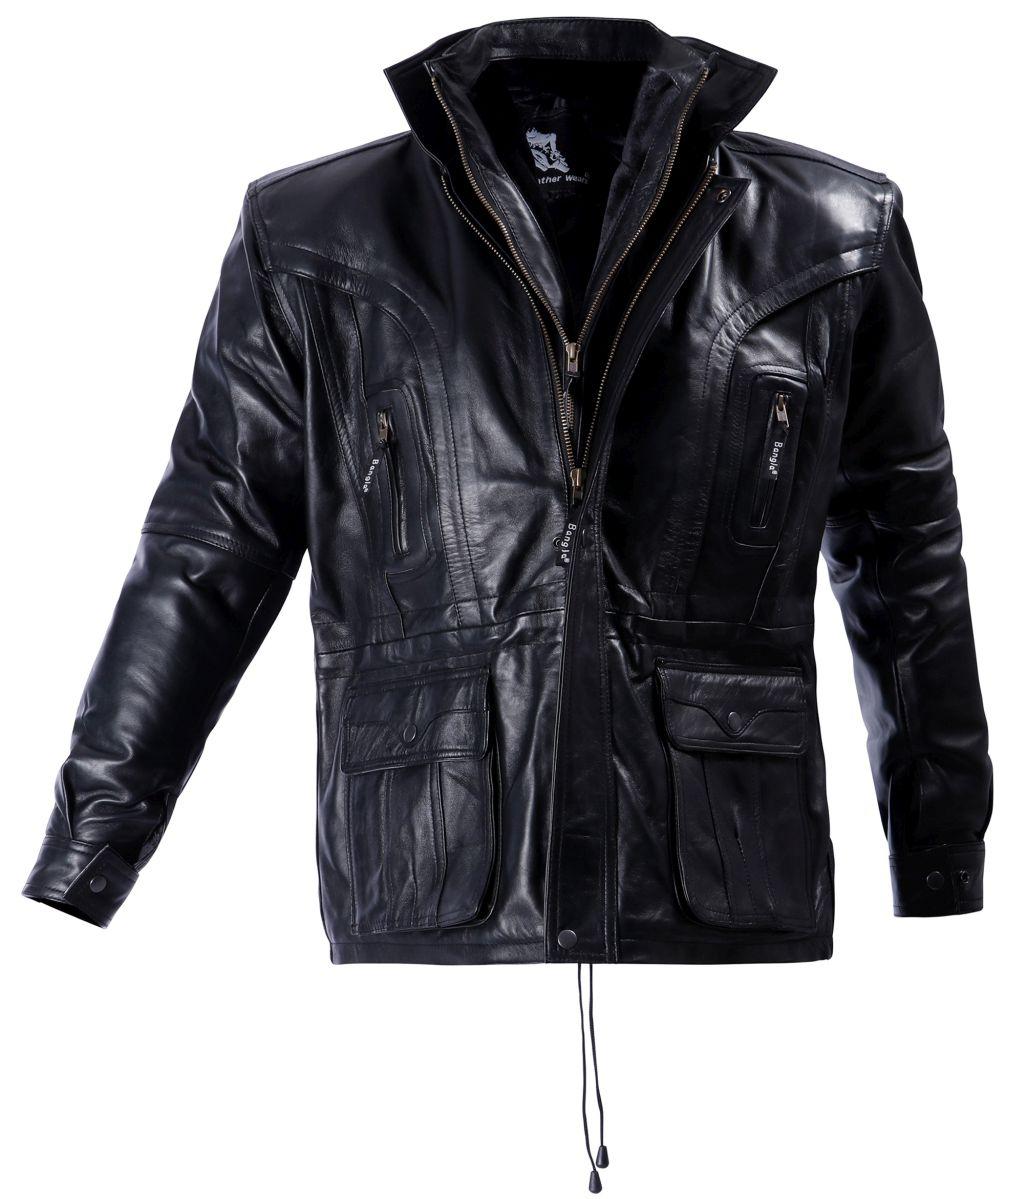 Bangla Elegante Winter Lederjacke Leder Jacke Herren Schwarz M - 6 XL